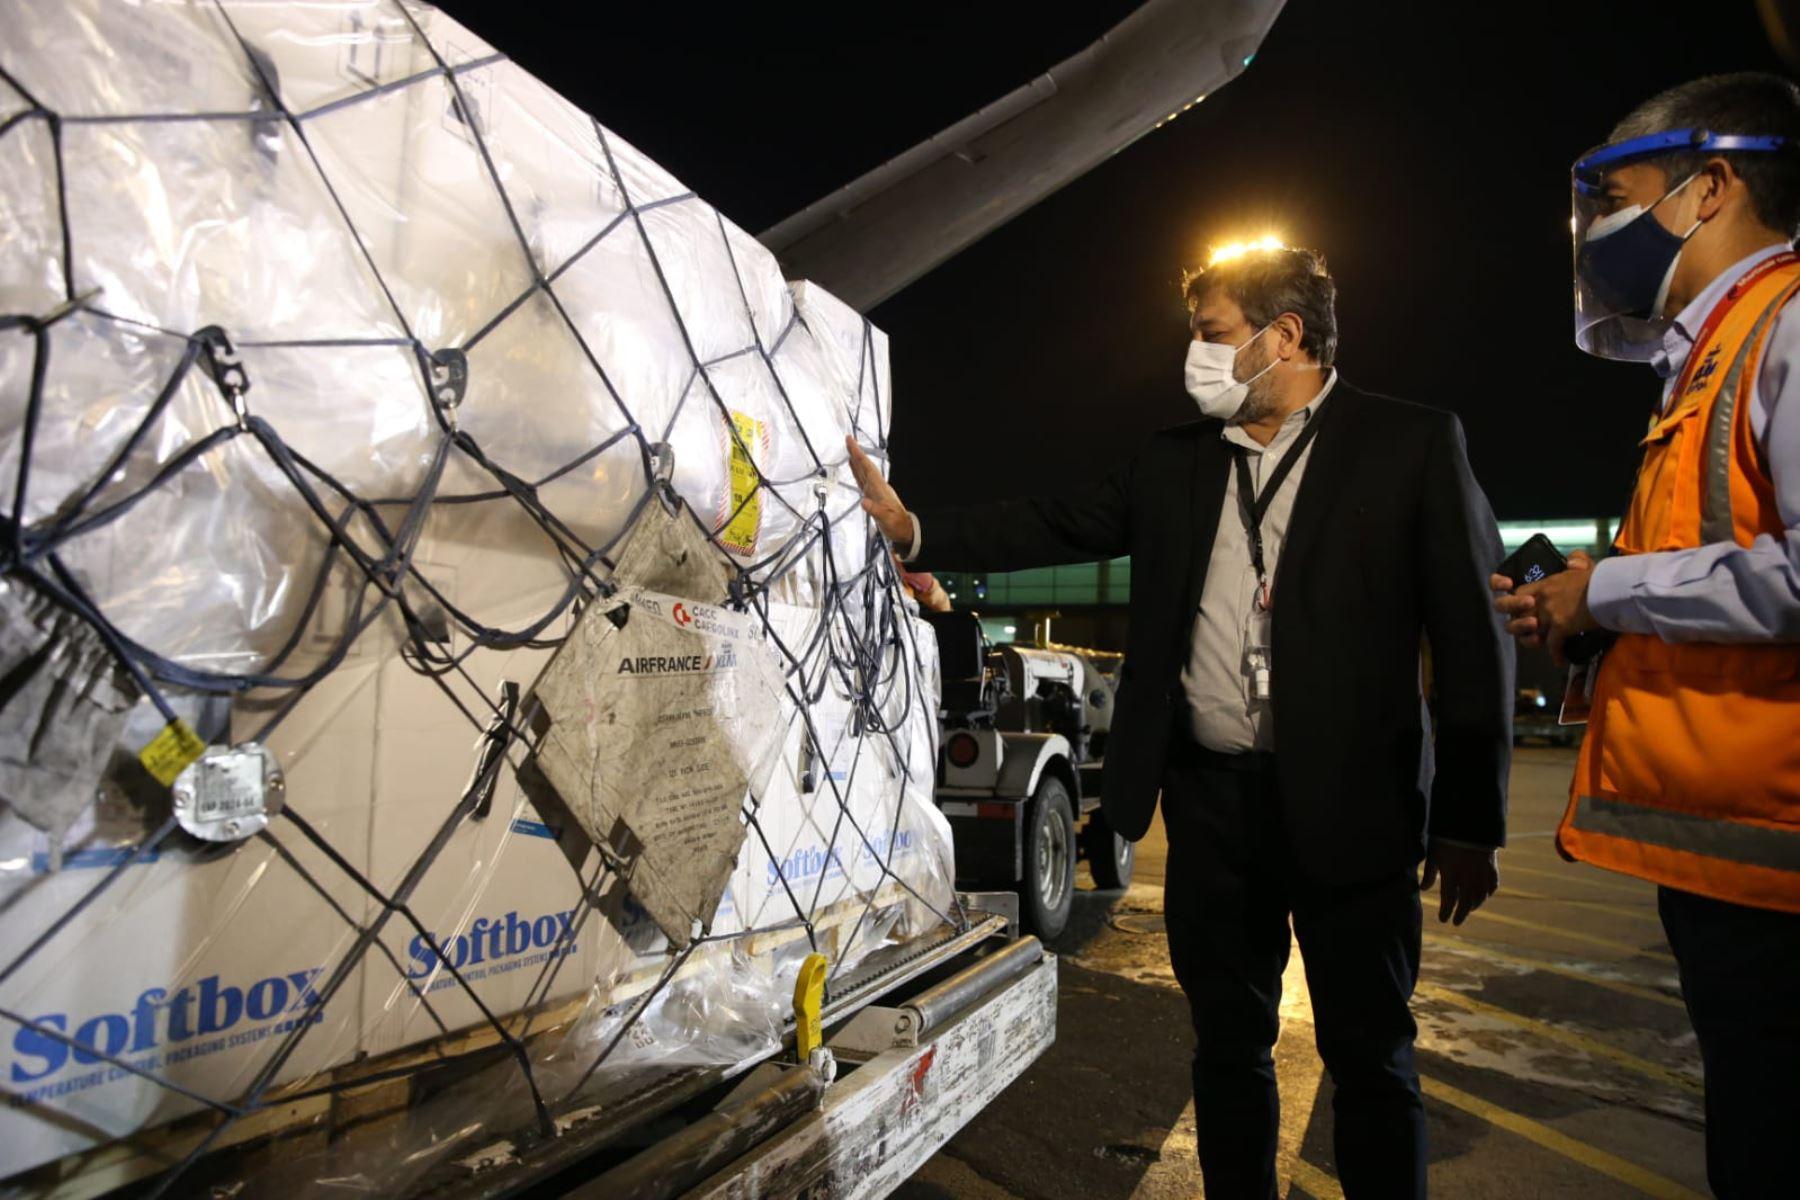 El ministro de Educación, Ricardo Cuenca , recibe el vuelo con el segundo lote de vacunas Pfizer, 200 700 dosis, que formarán parte del proceso de vacunación nacional. Foto: Minedu